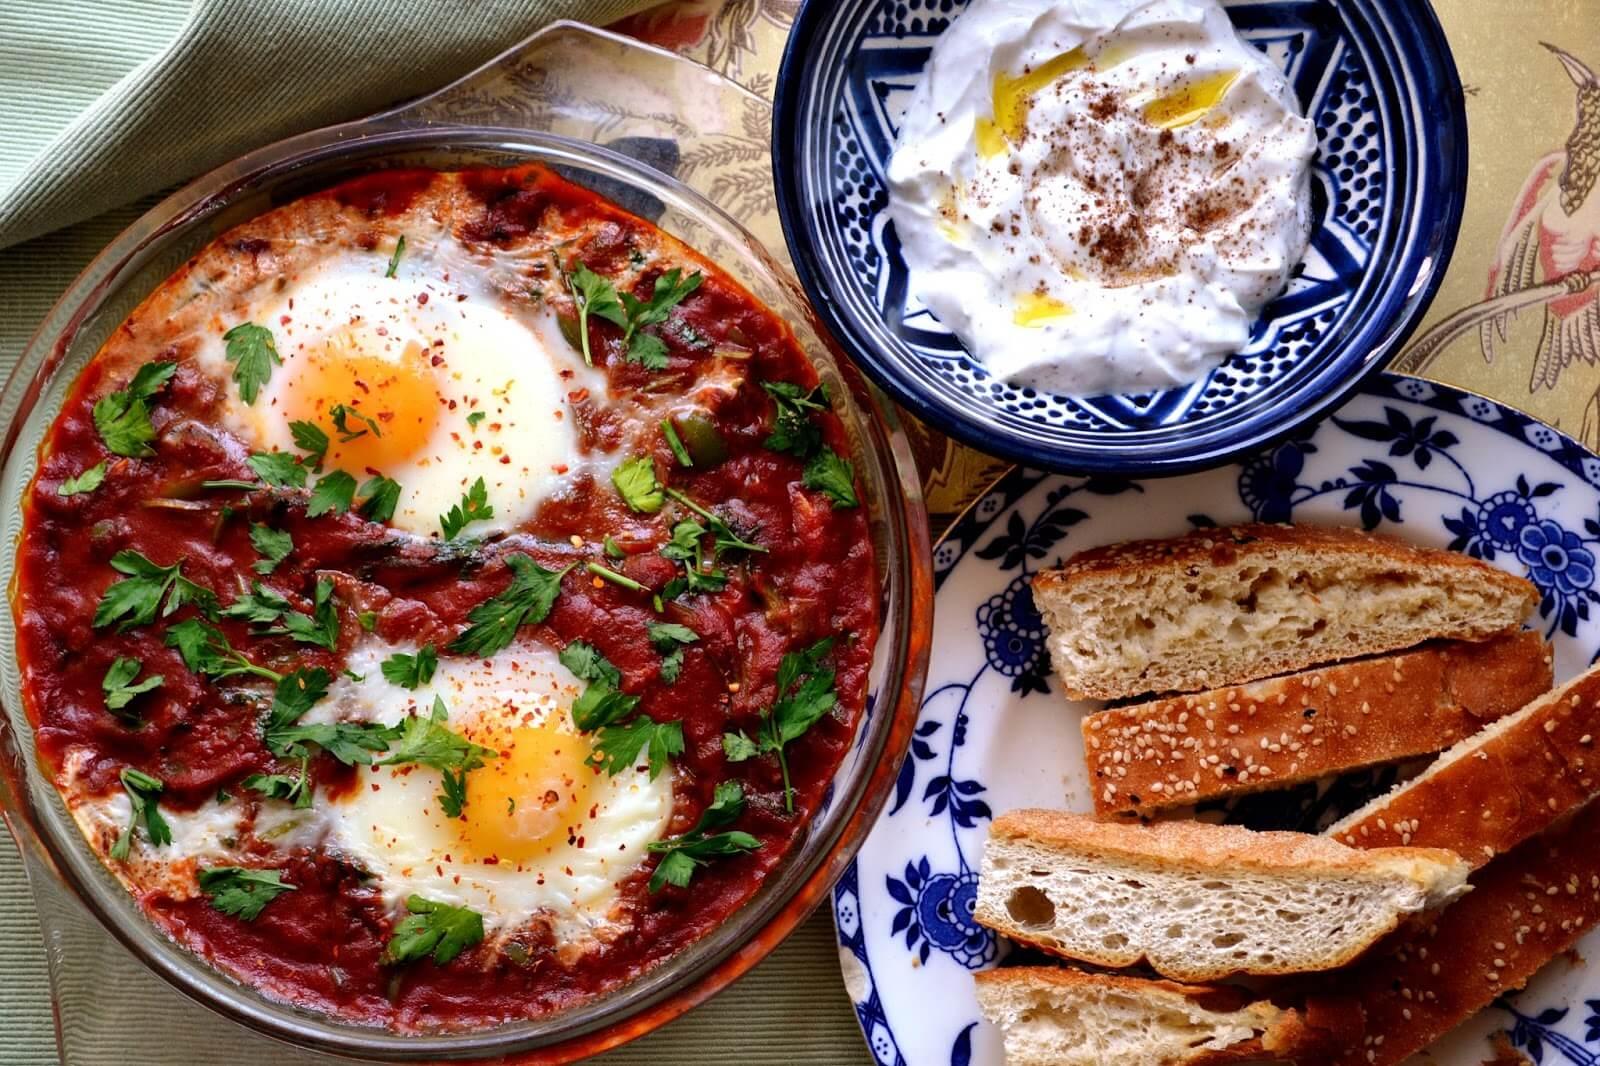 Taksimde Kahvaltı Yapabileceğiniz En İyi 10 Mekan